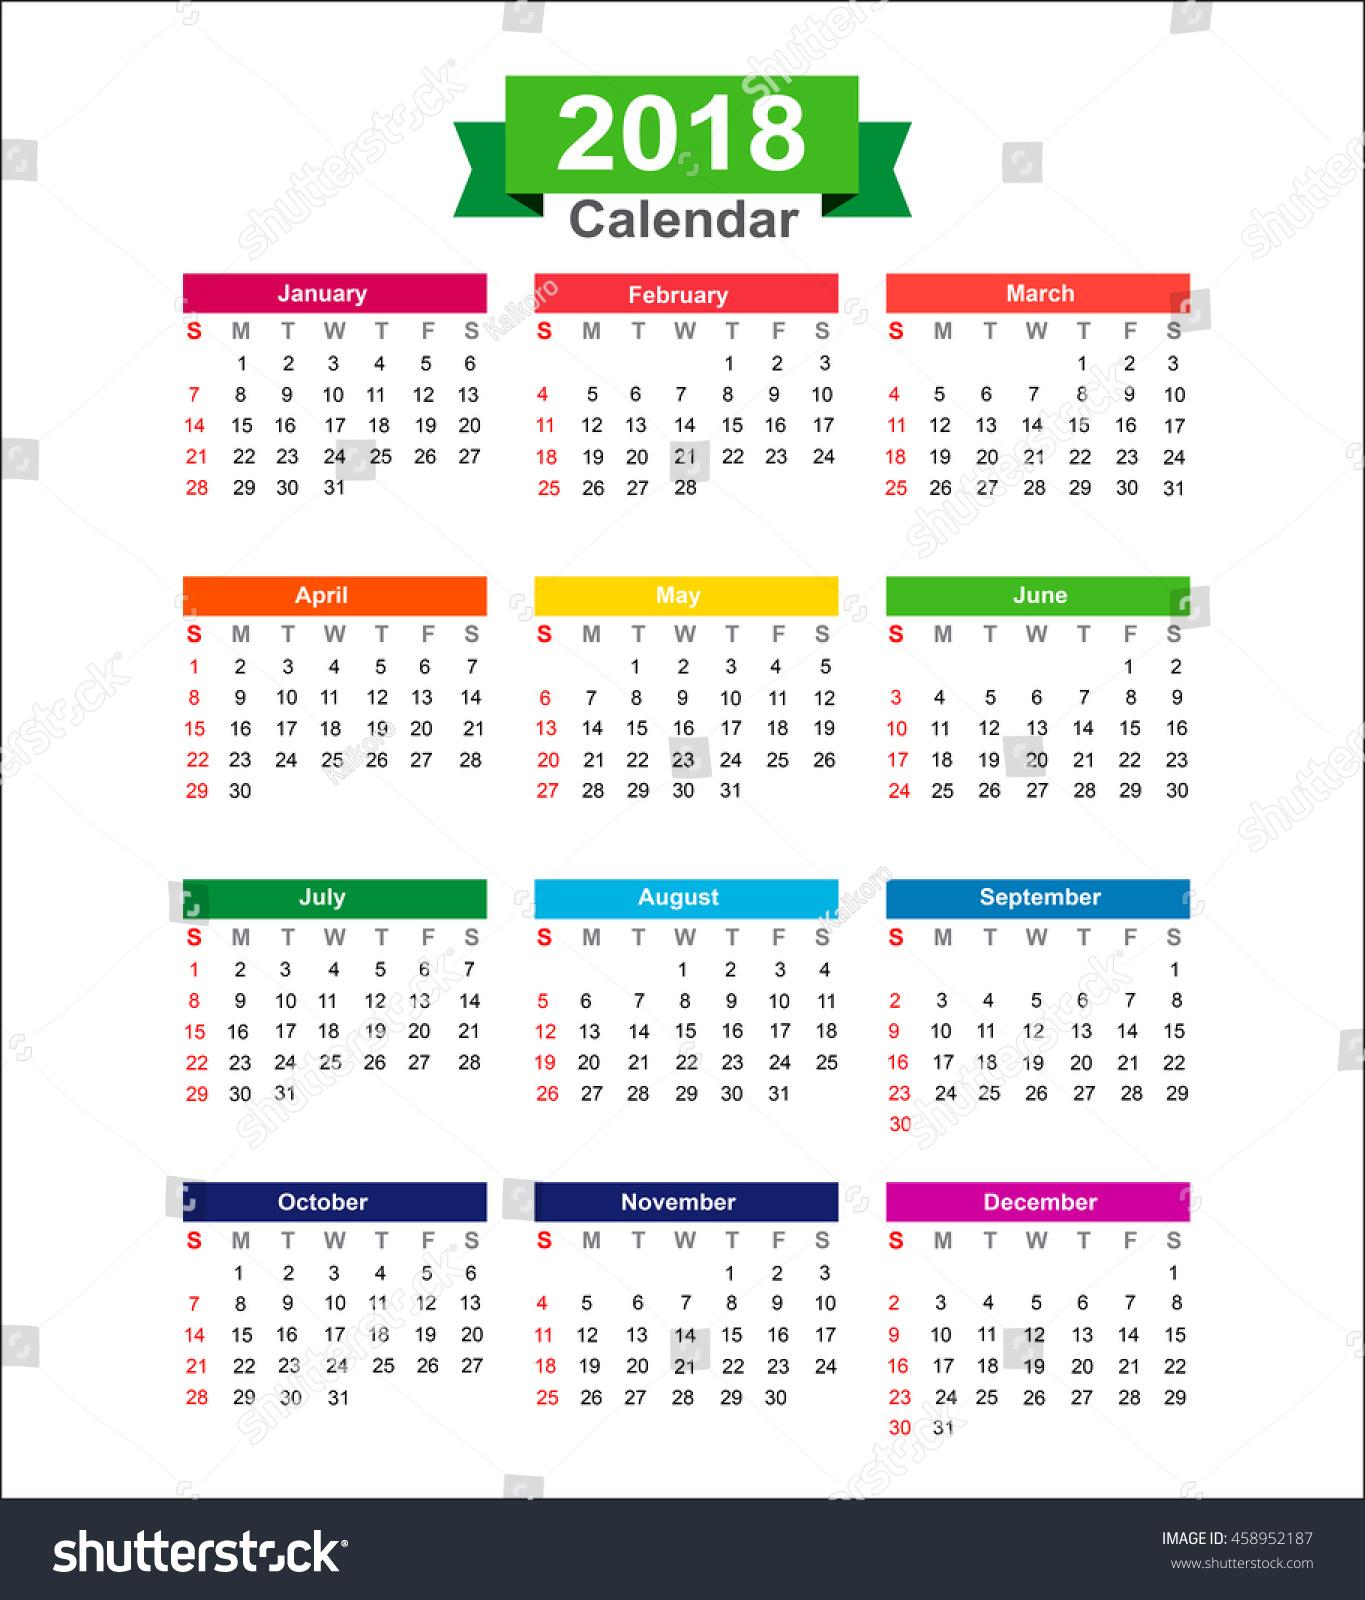 Календарь с лунами 2017-2018